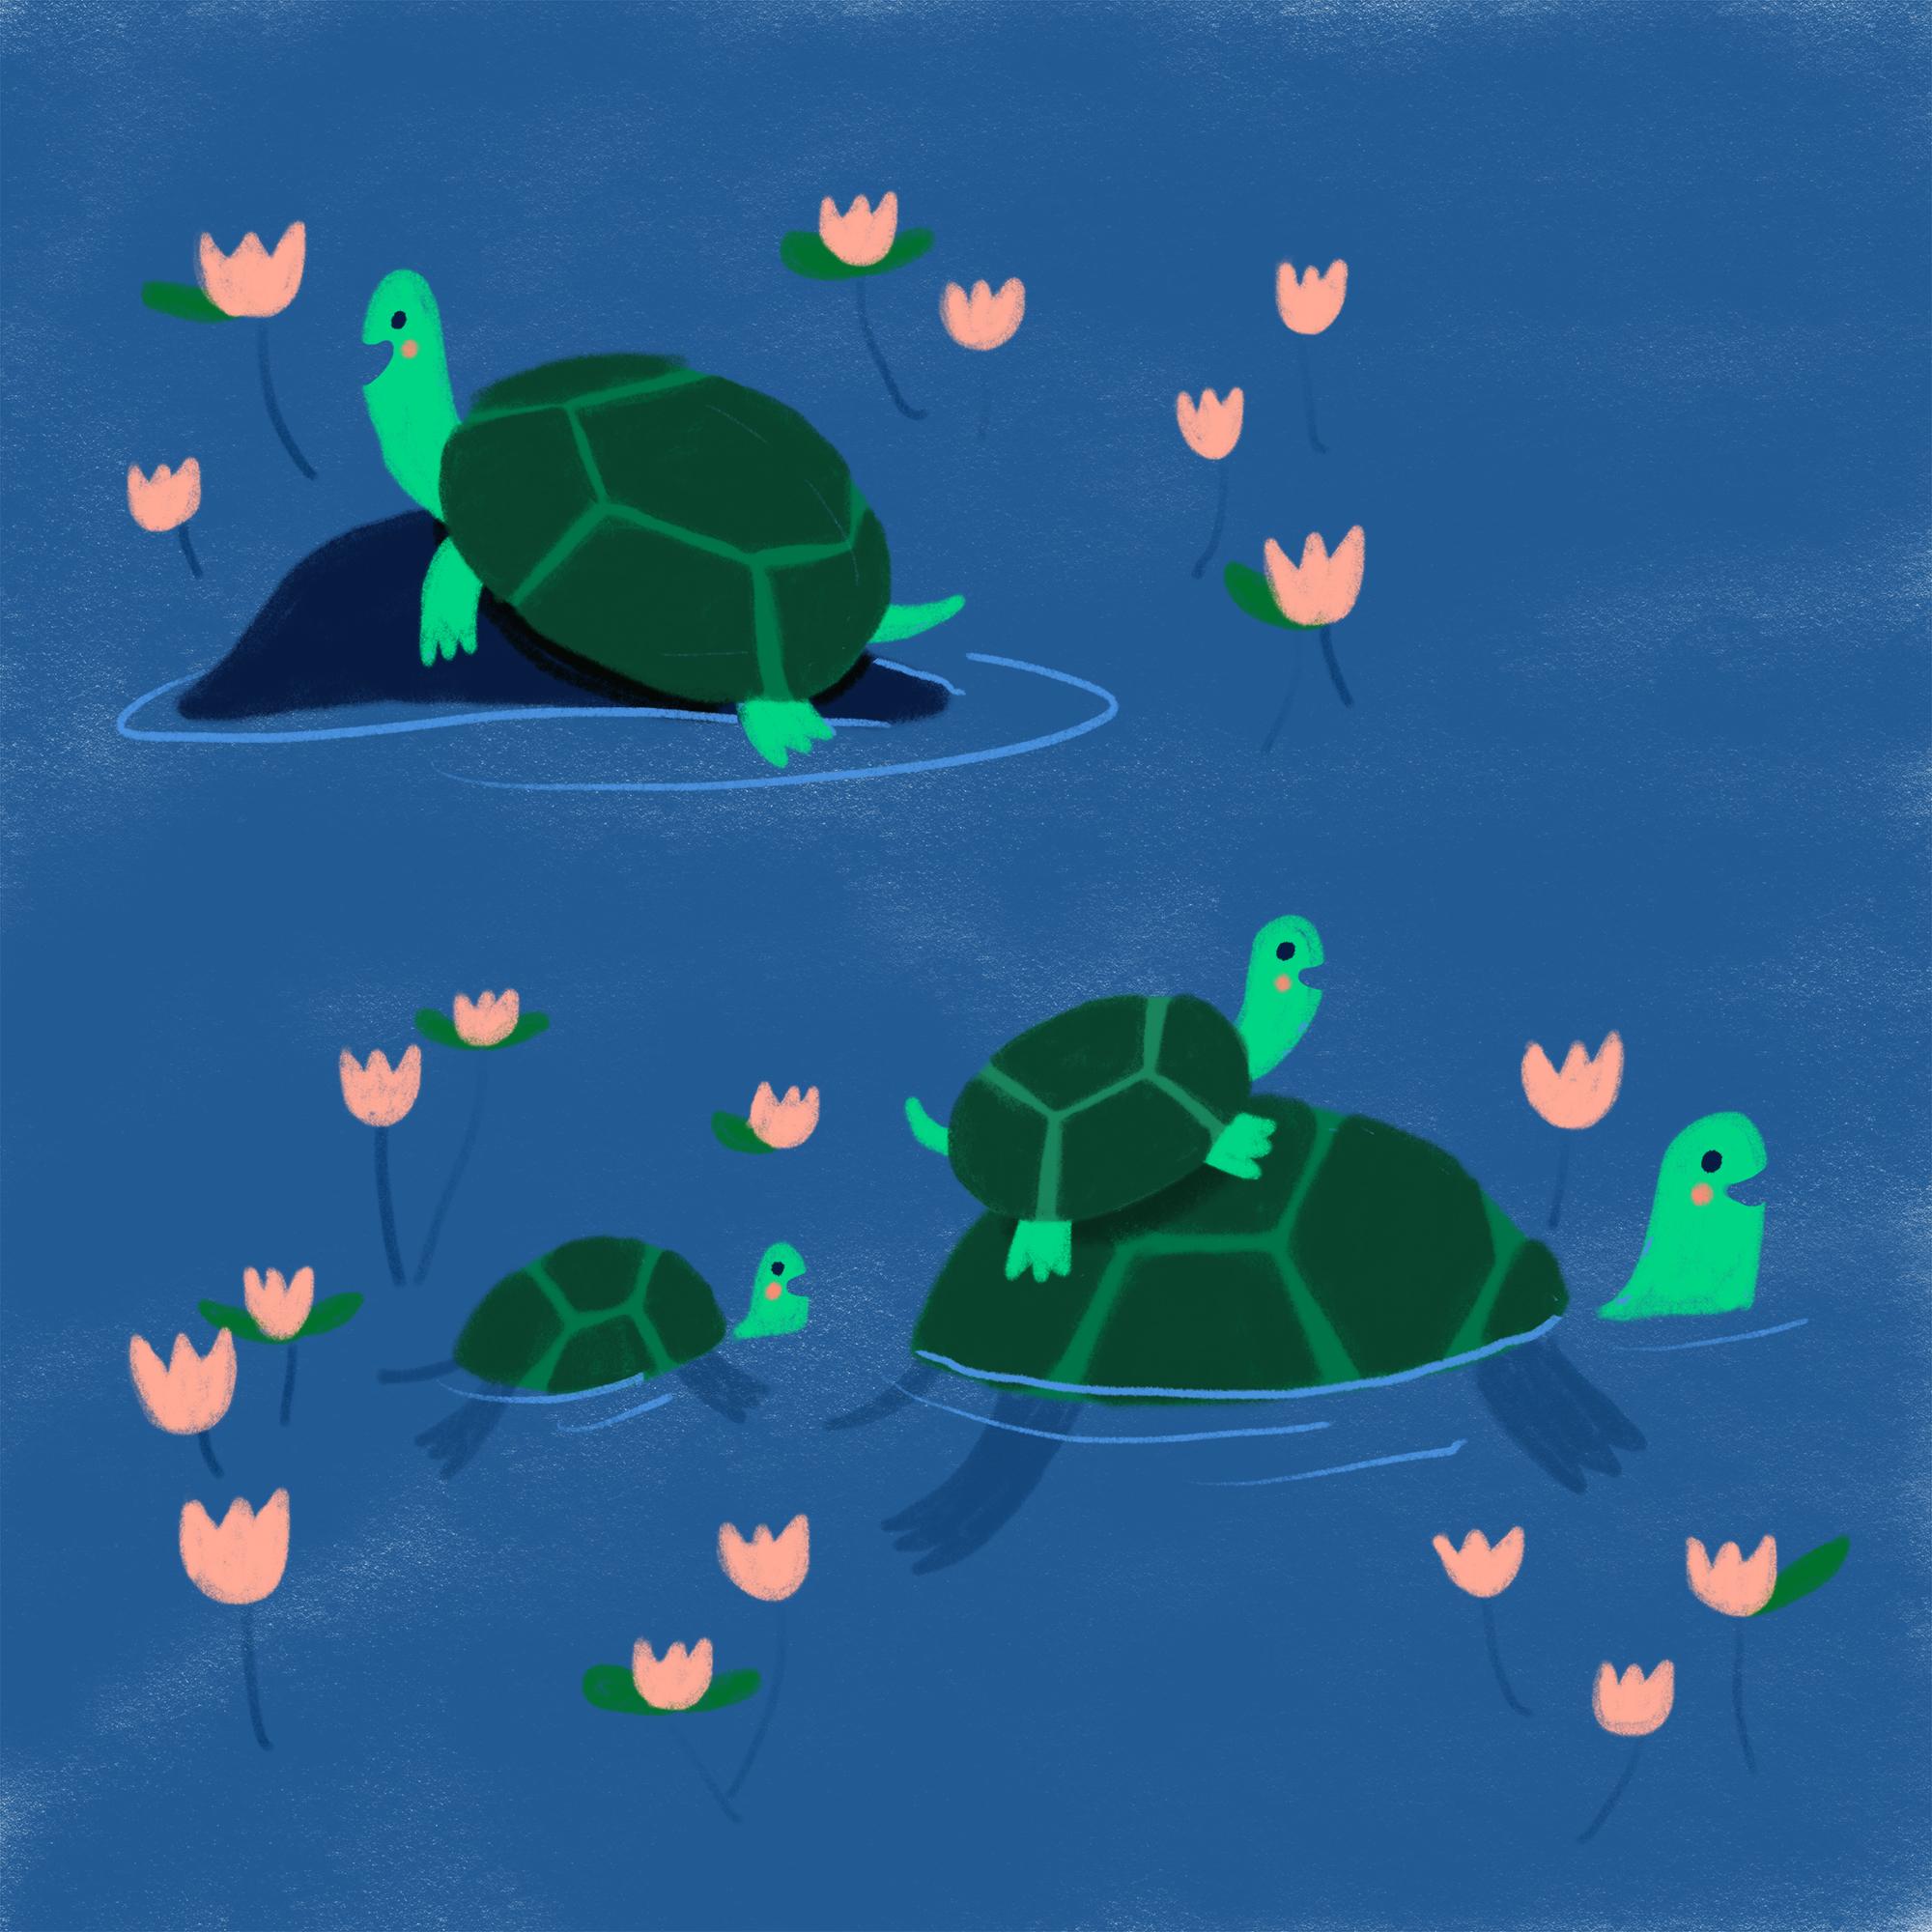 Day_16_Turtles_Minted.jpg